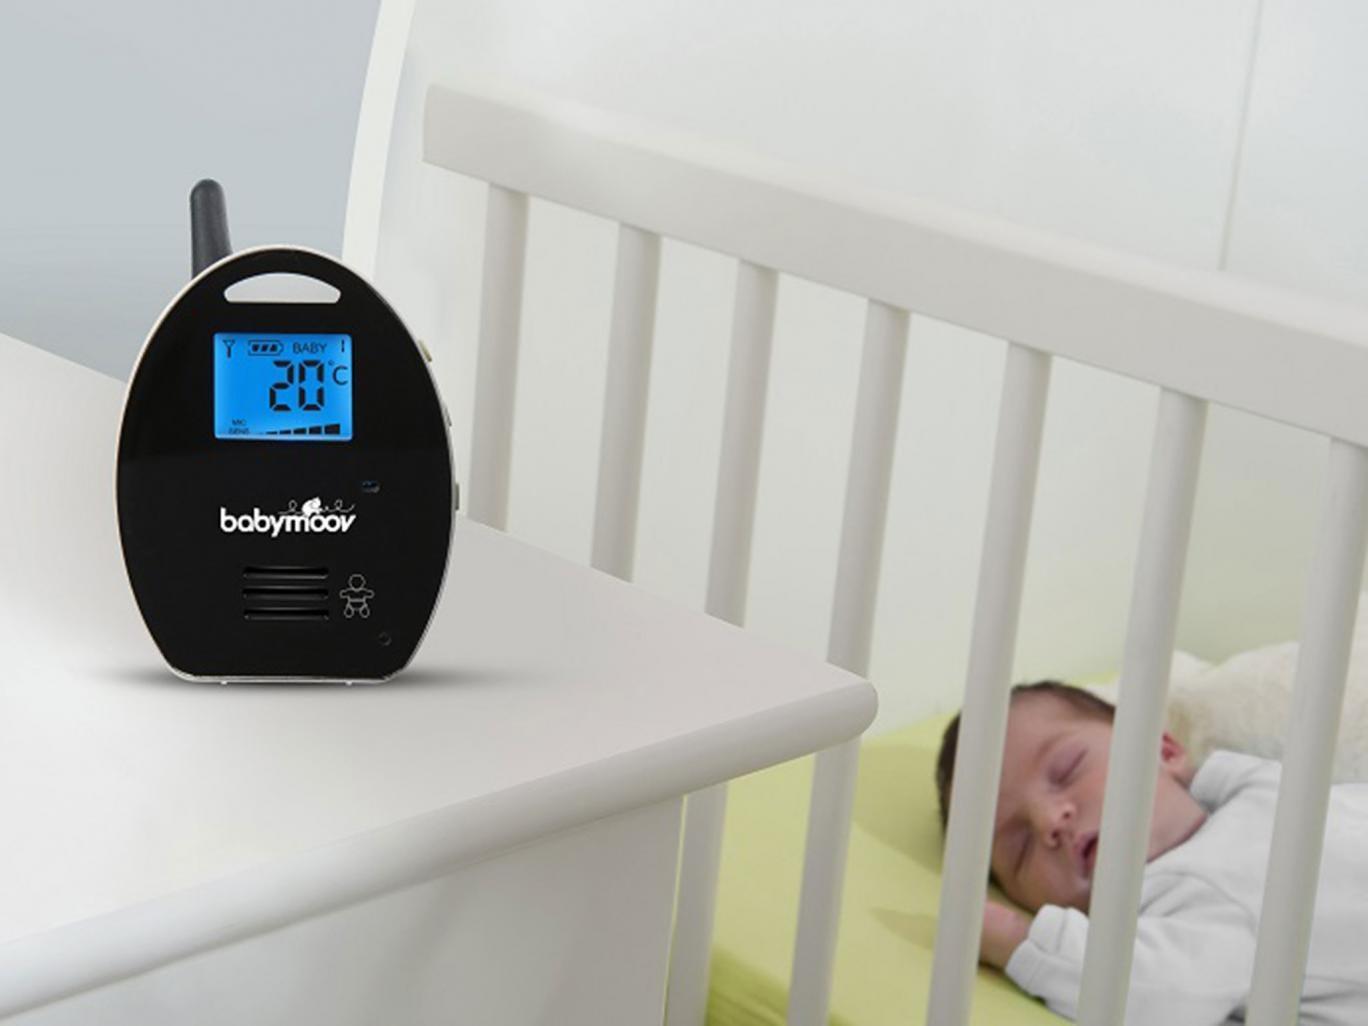 babyphone babymoov digital green. Black Bedroom Furniture Sets. Home Design Ideas